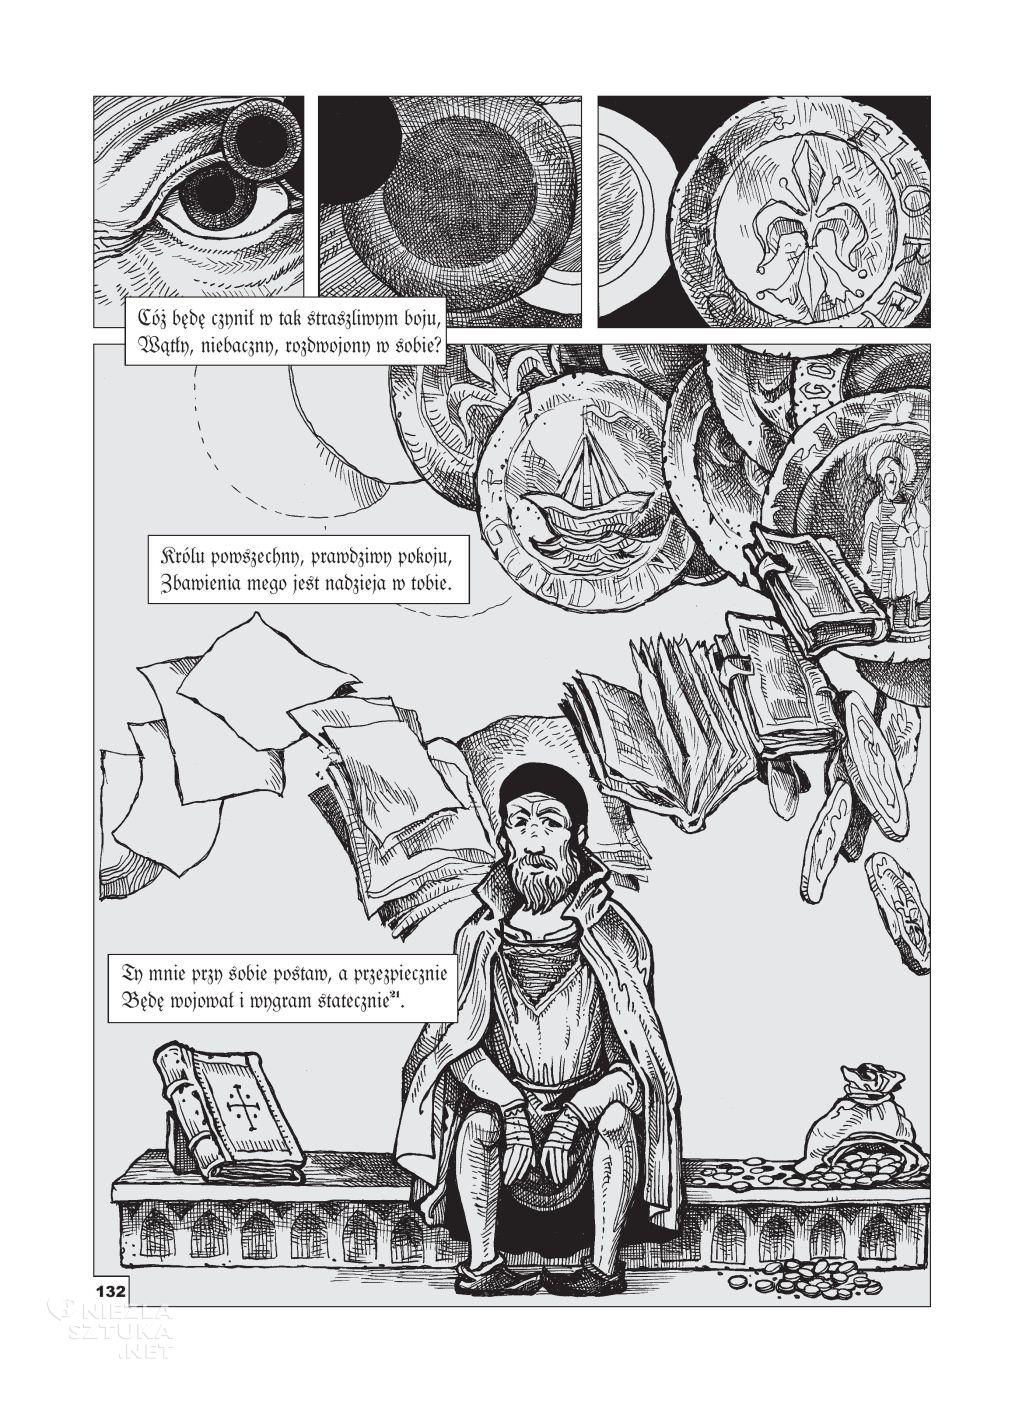 16_oltarz-page-012